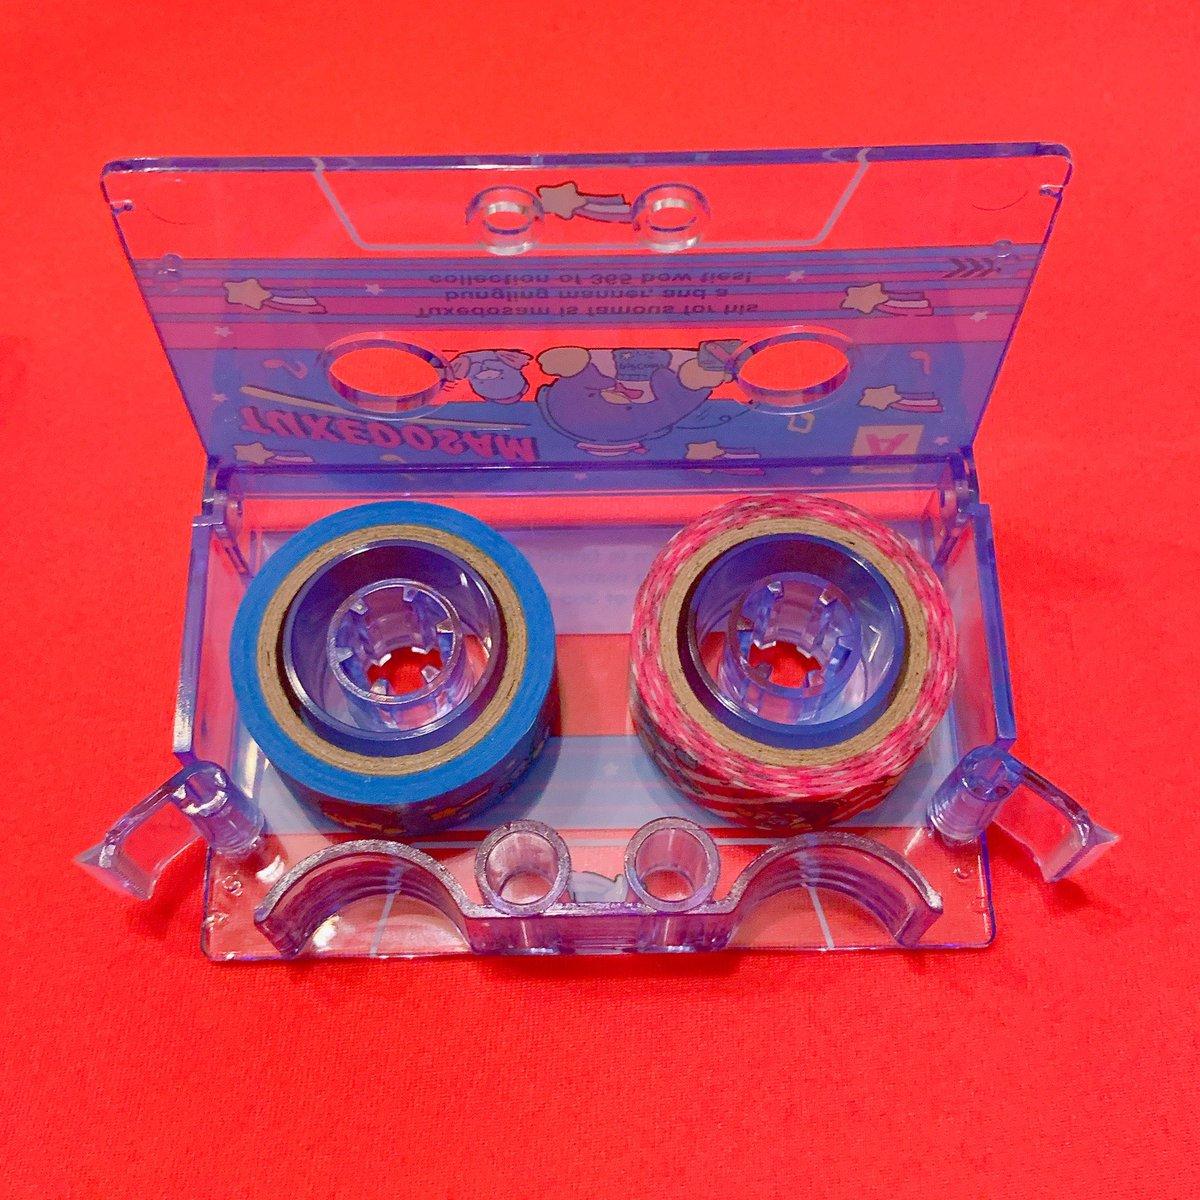 カセットテープ型のマステかわいすぎない?